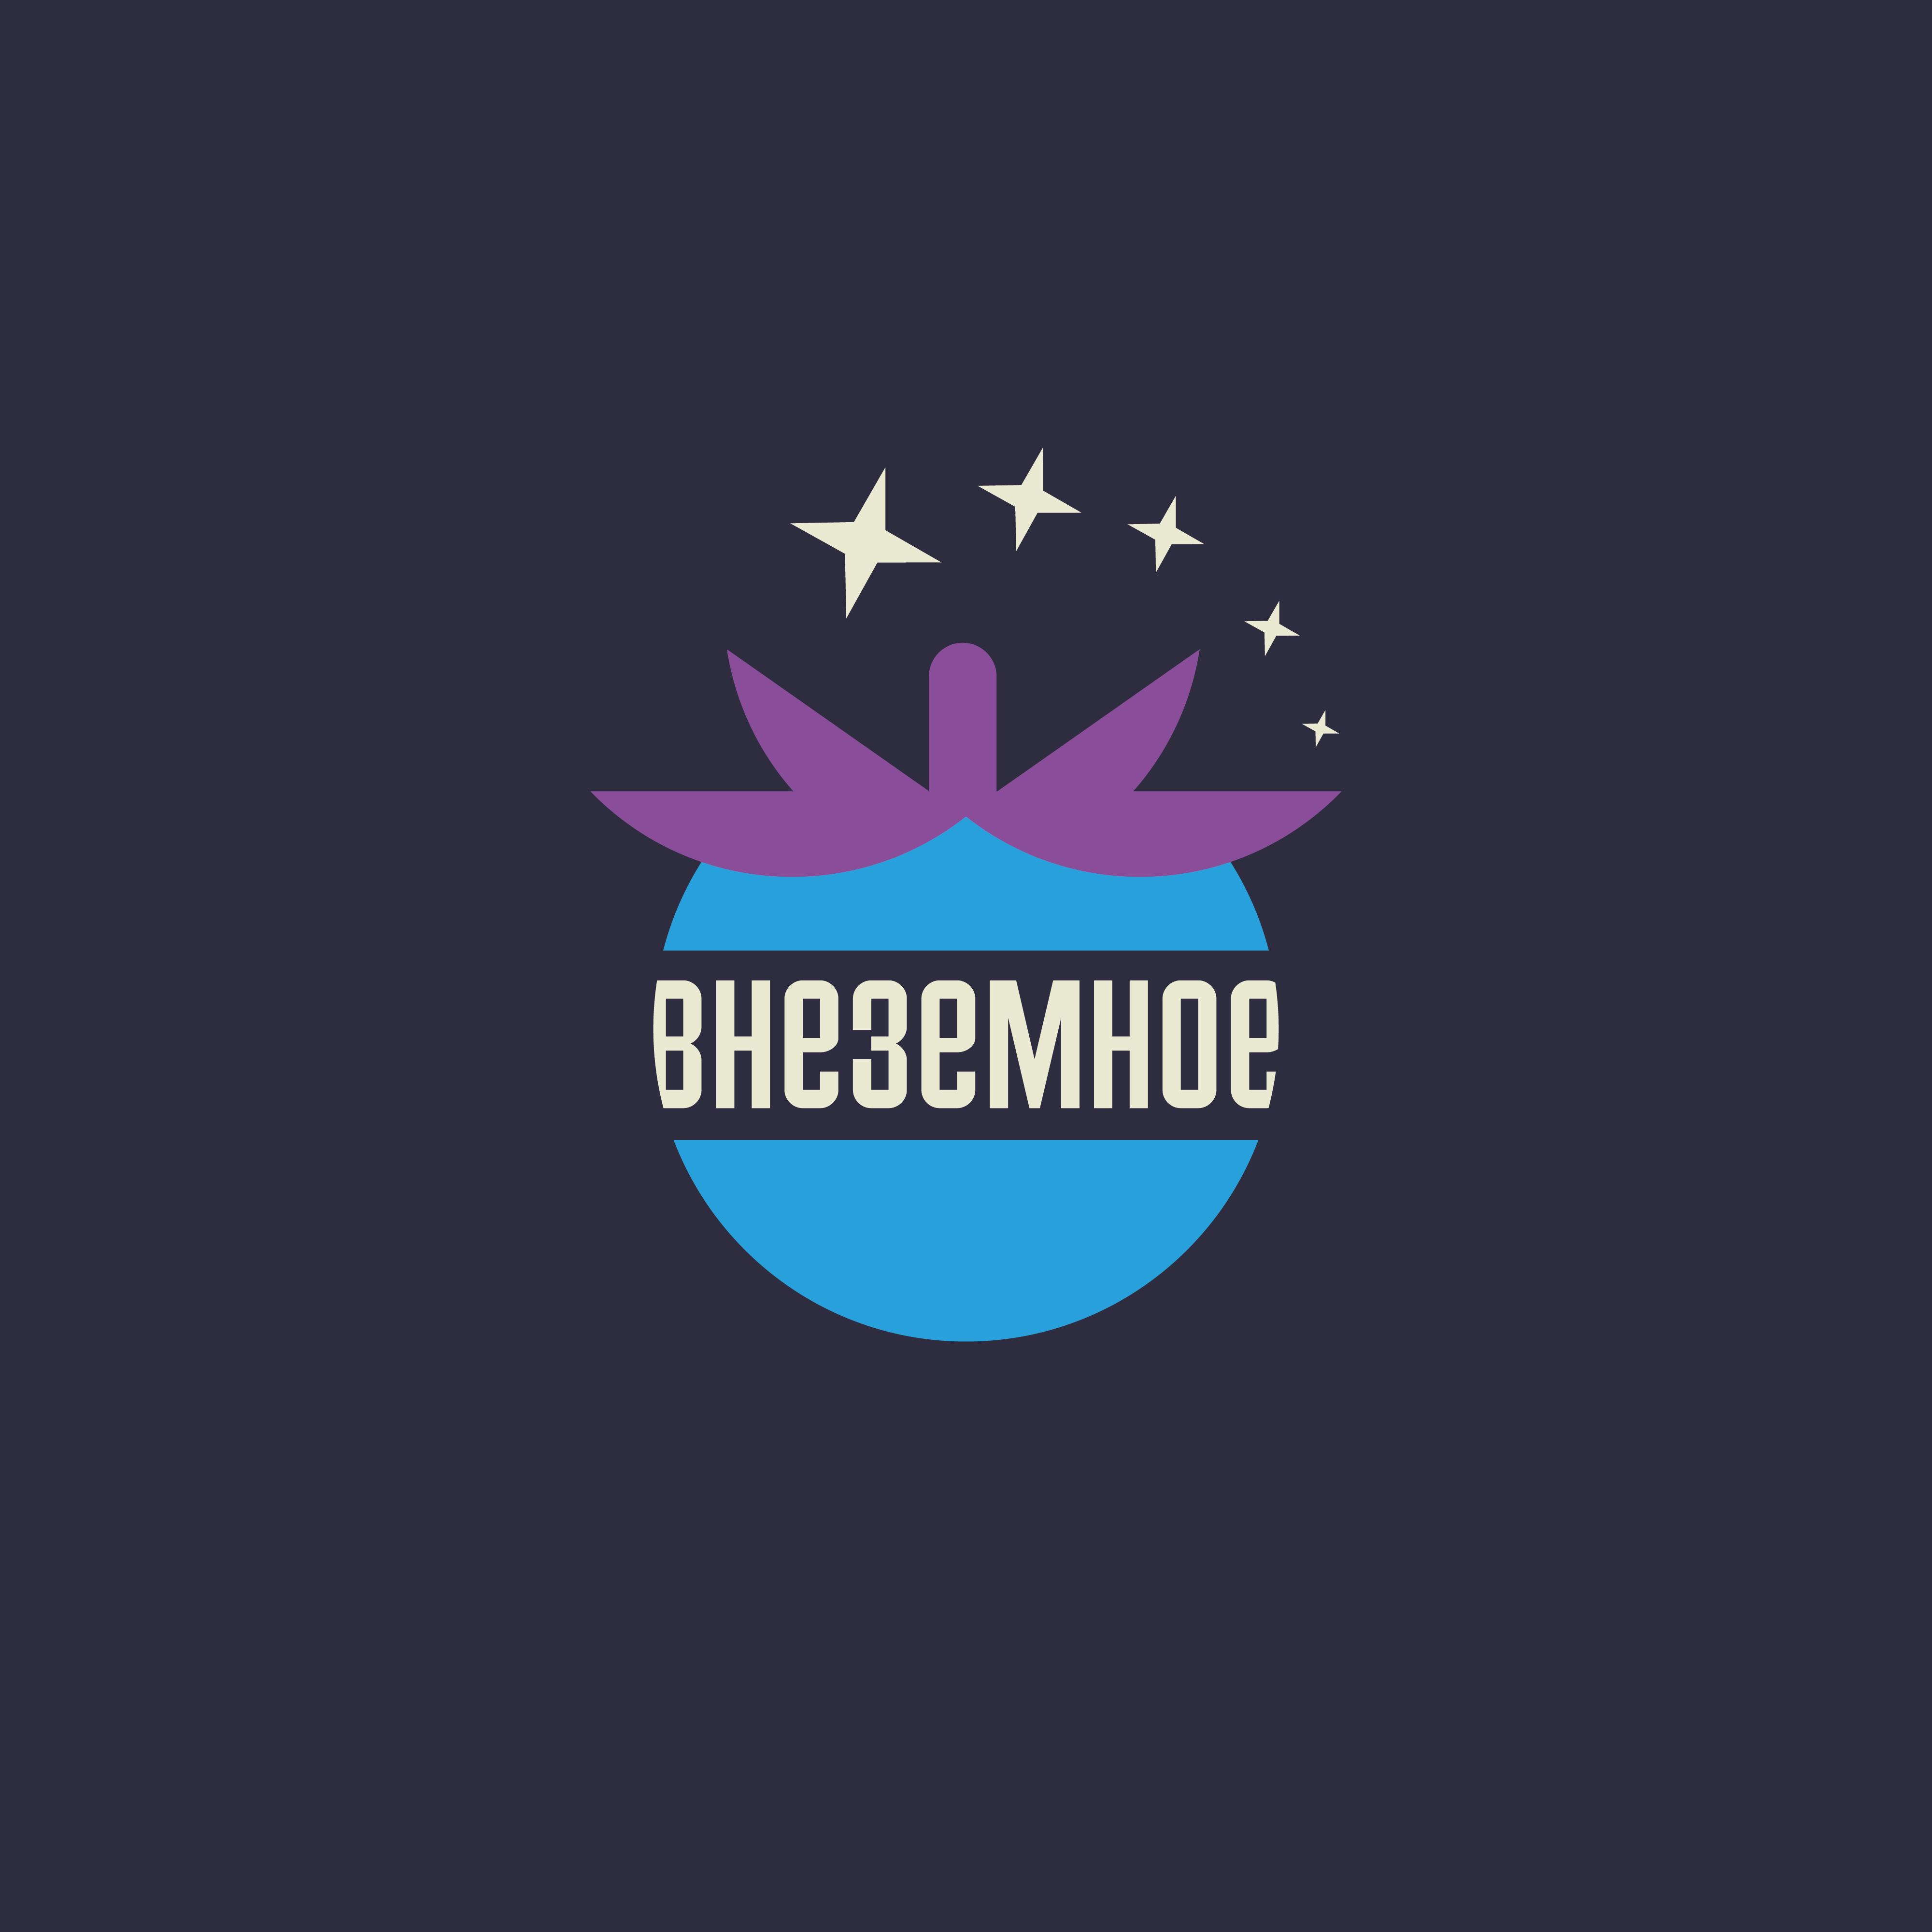 """Логотип и фирменный стиль """"Внеземное"""" фото f_4915e774d8e55a9f.png"""